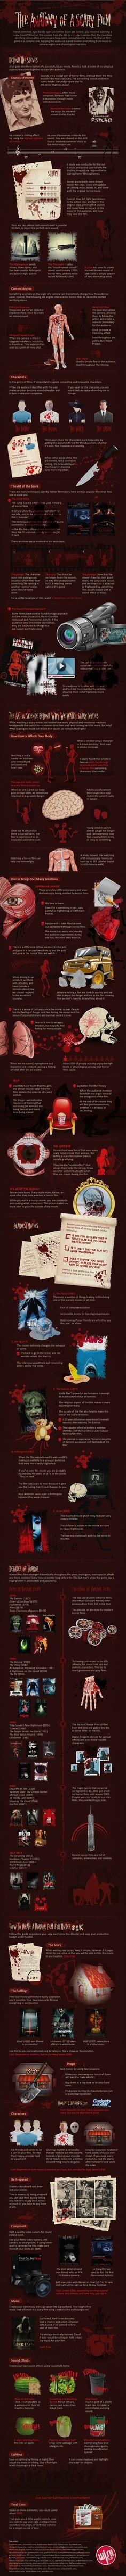 Anatomía de una película de terror - ENFILME.COM